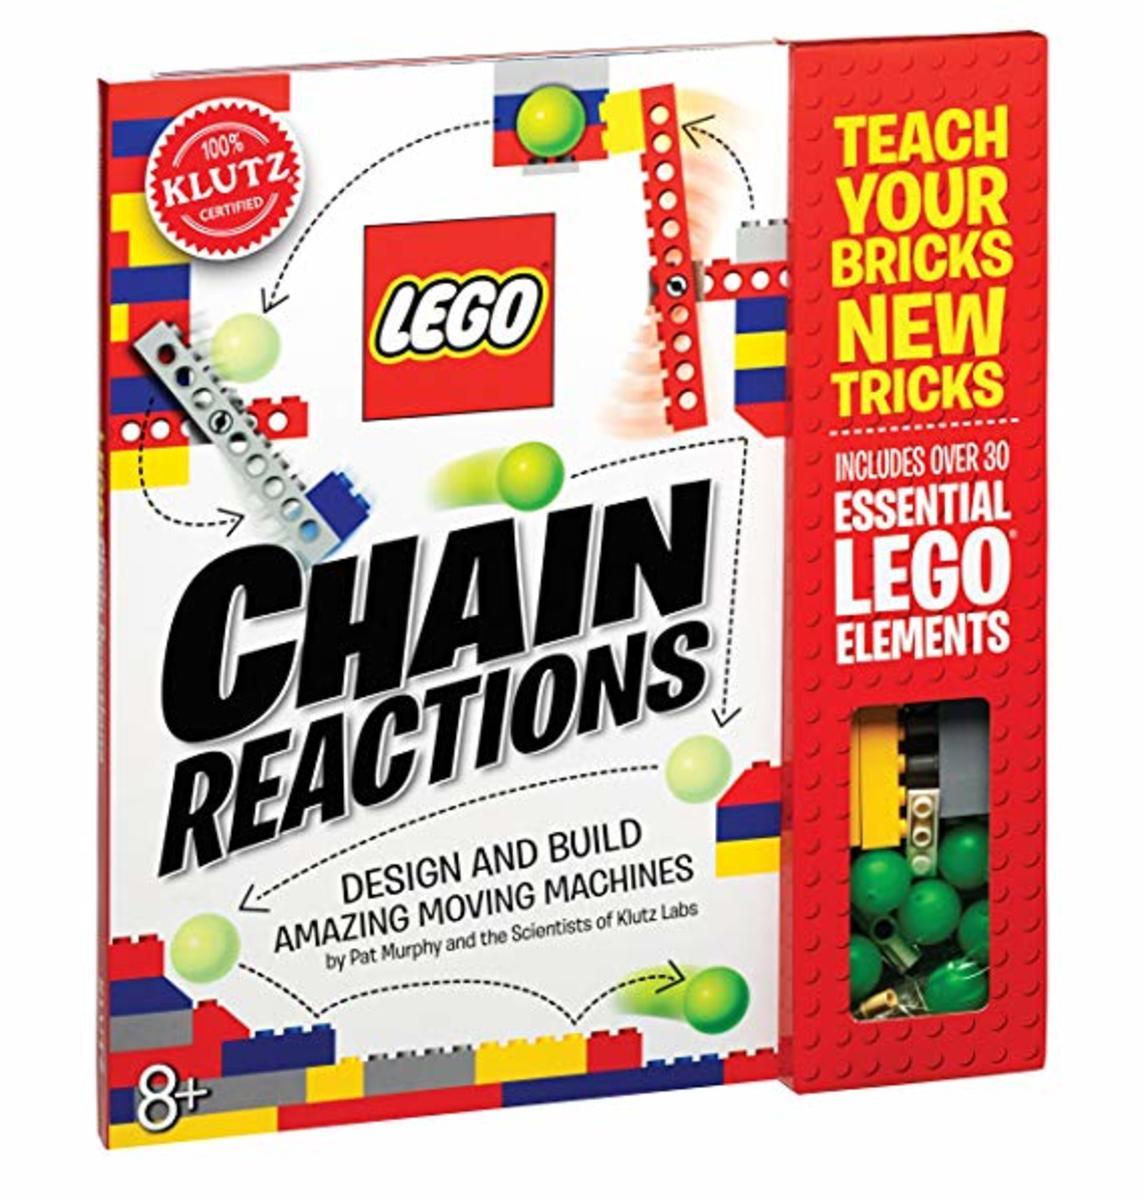 Lego 遊戲 STEM 學習材料 在家學習 Chain Reactions